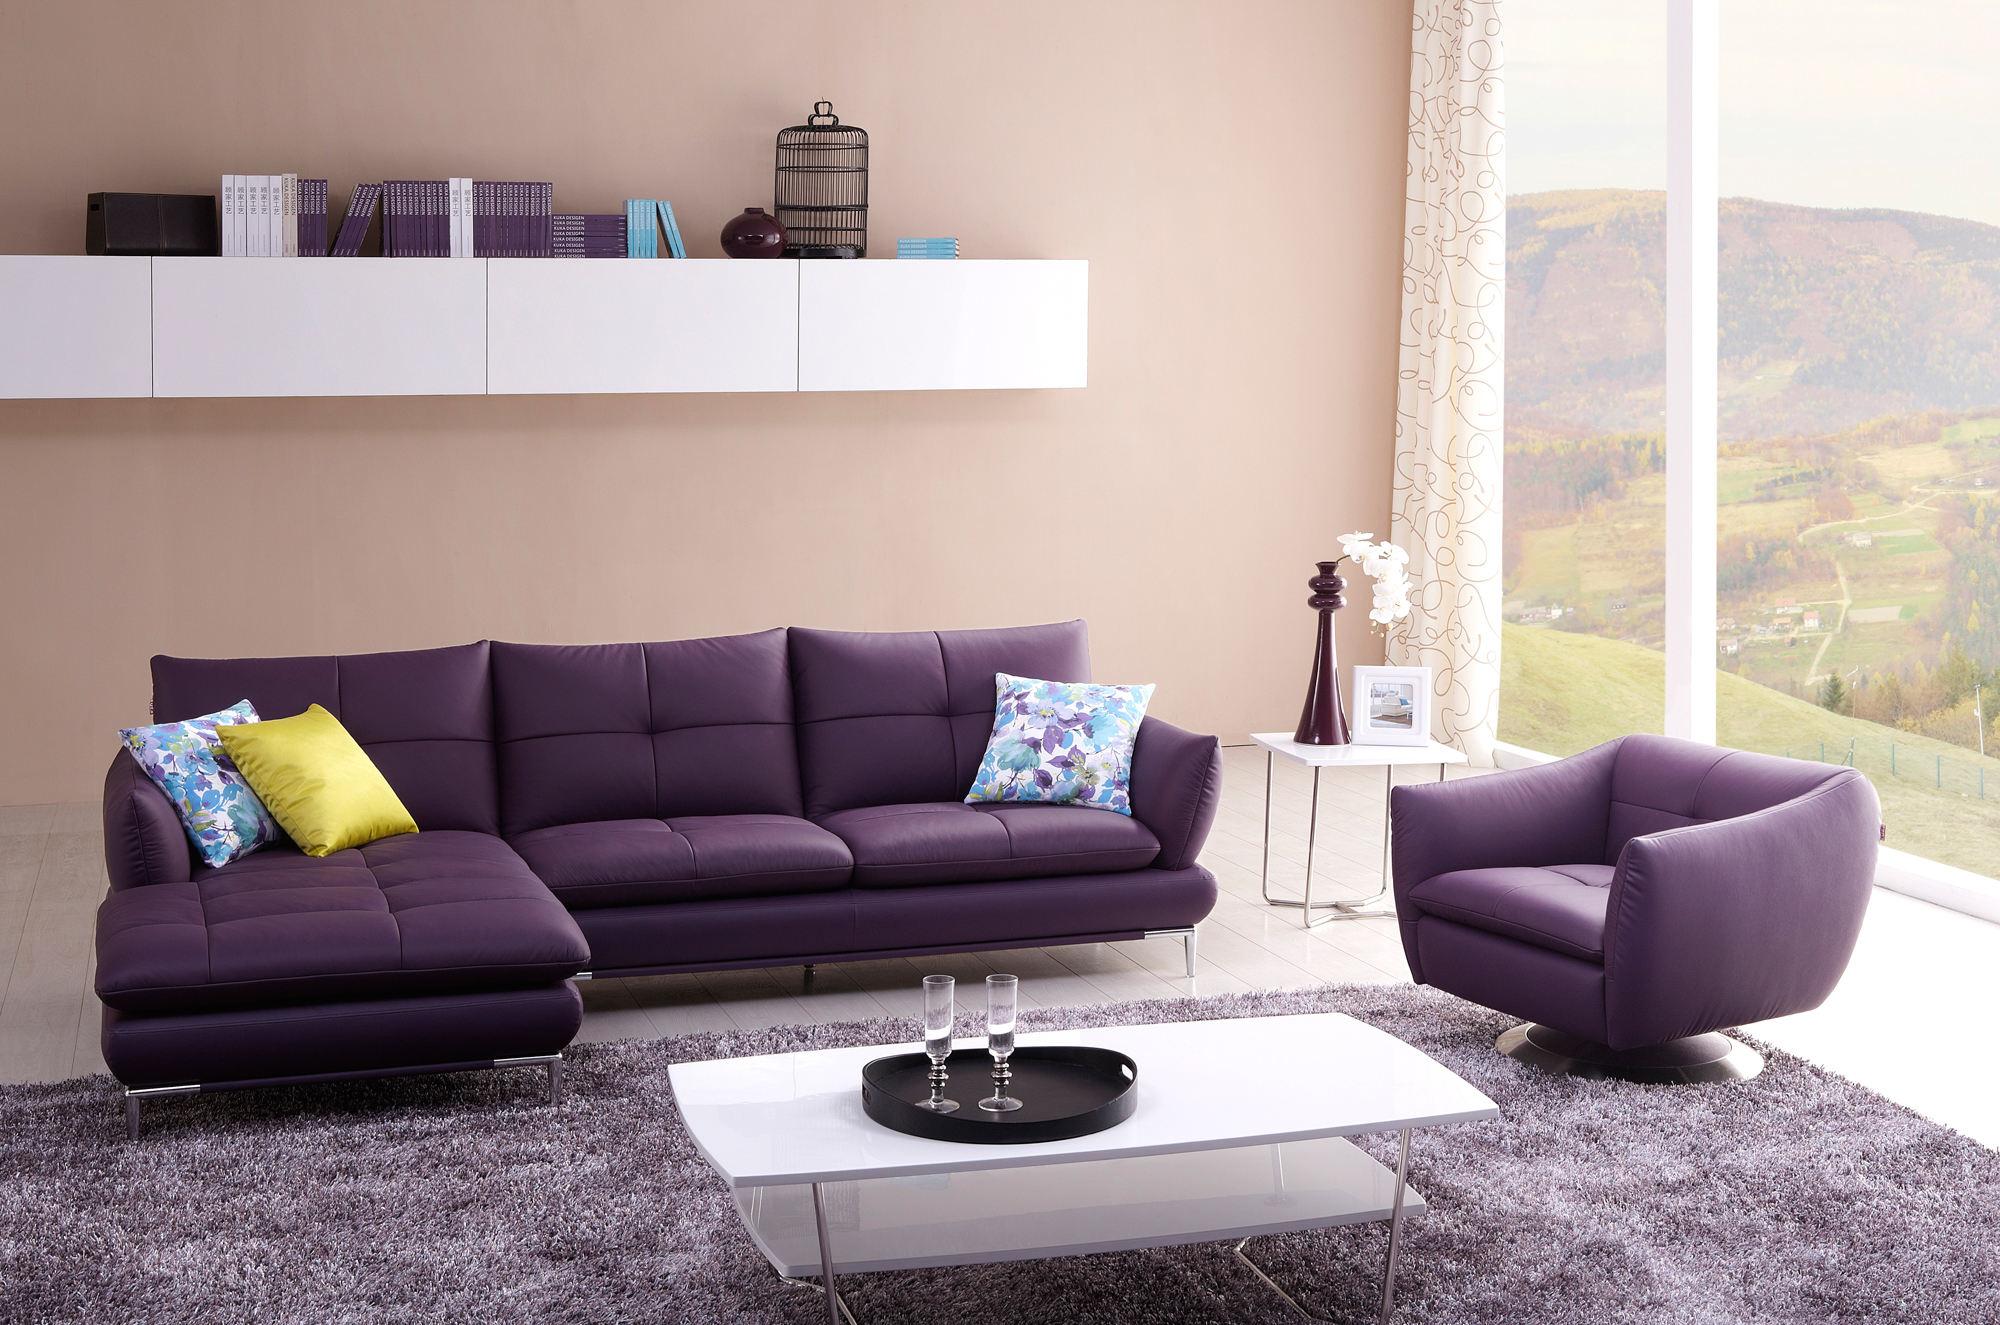 优雅现代客厅紫色沙发装饰图